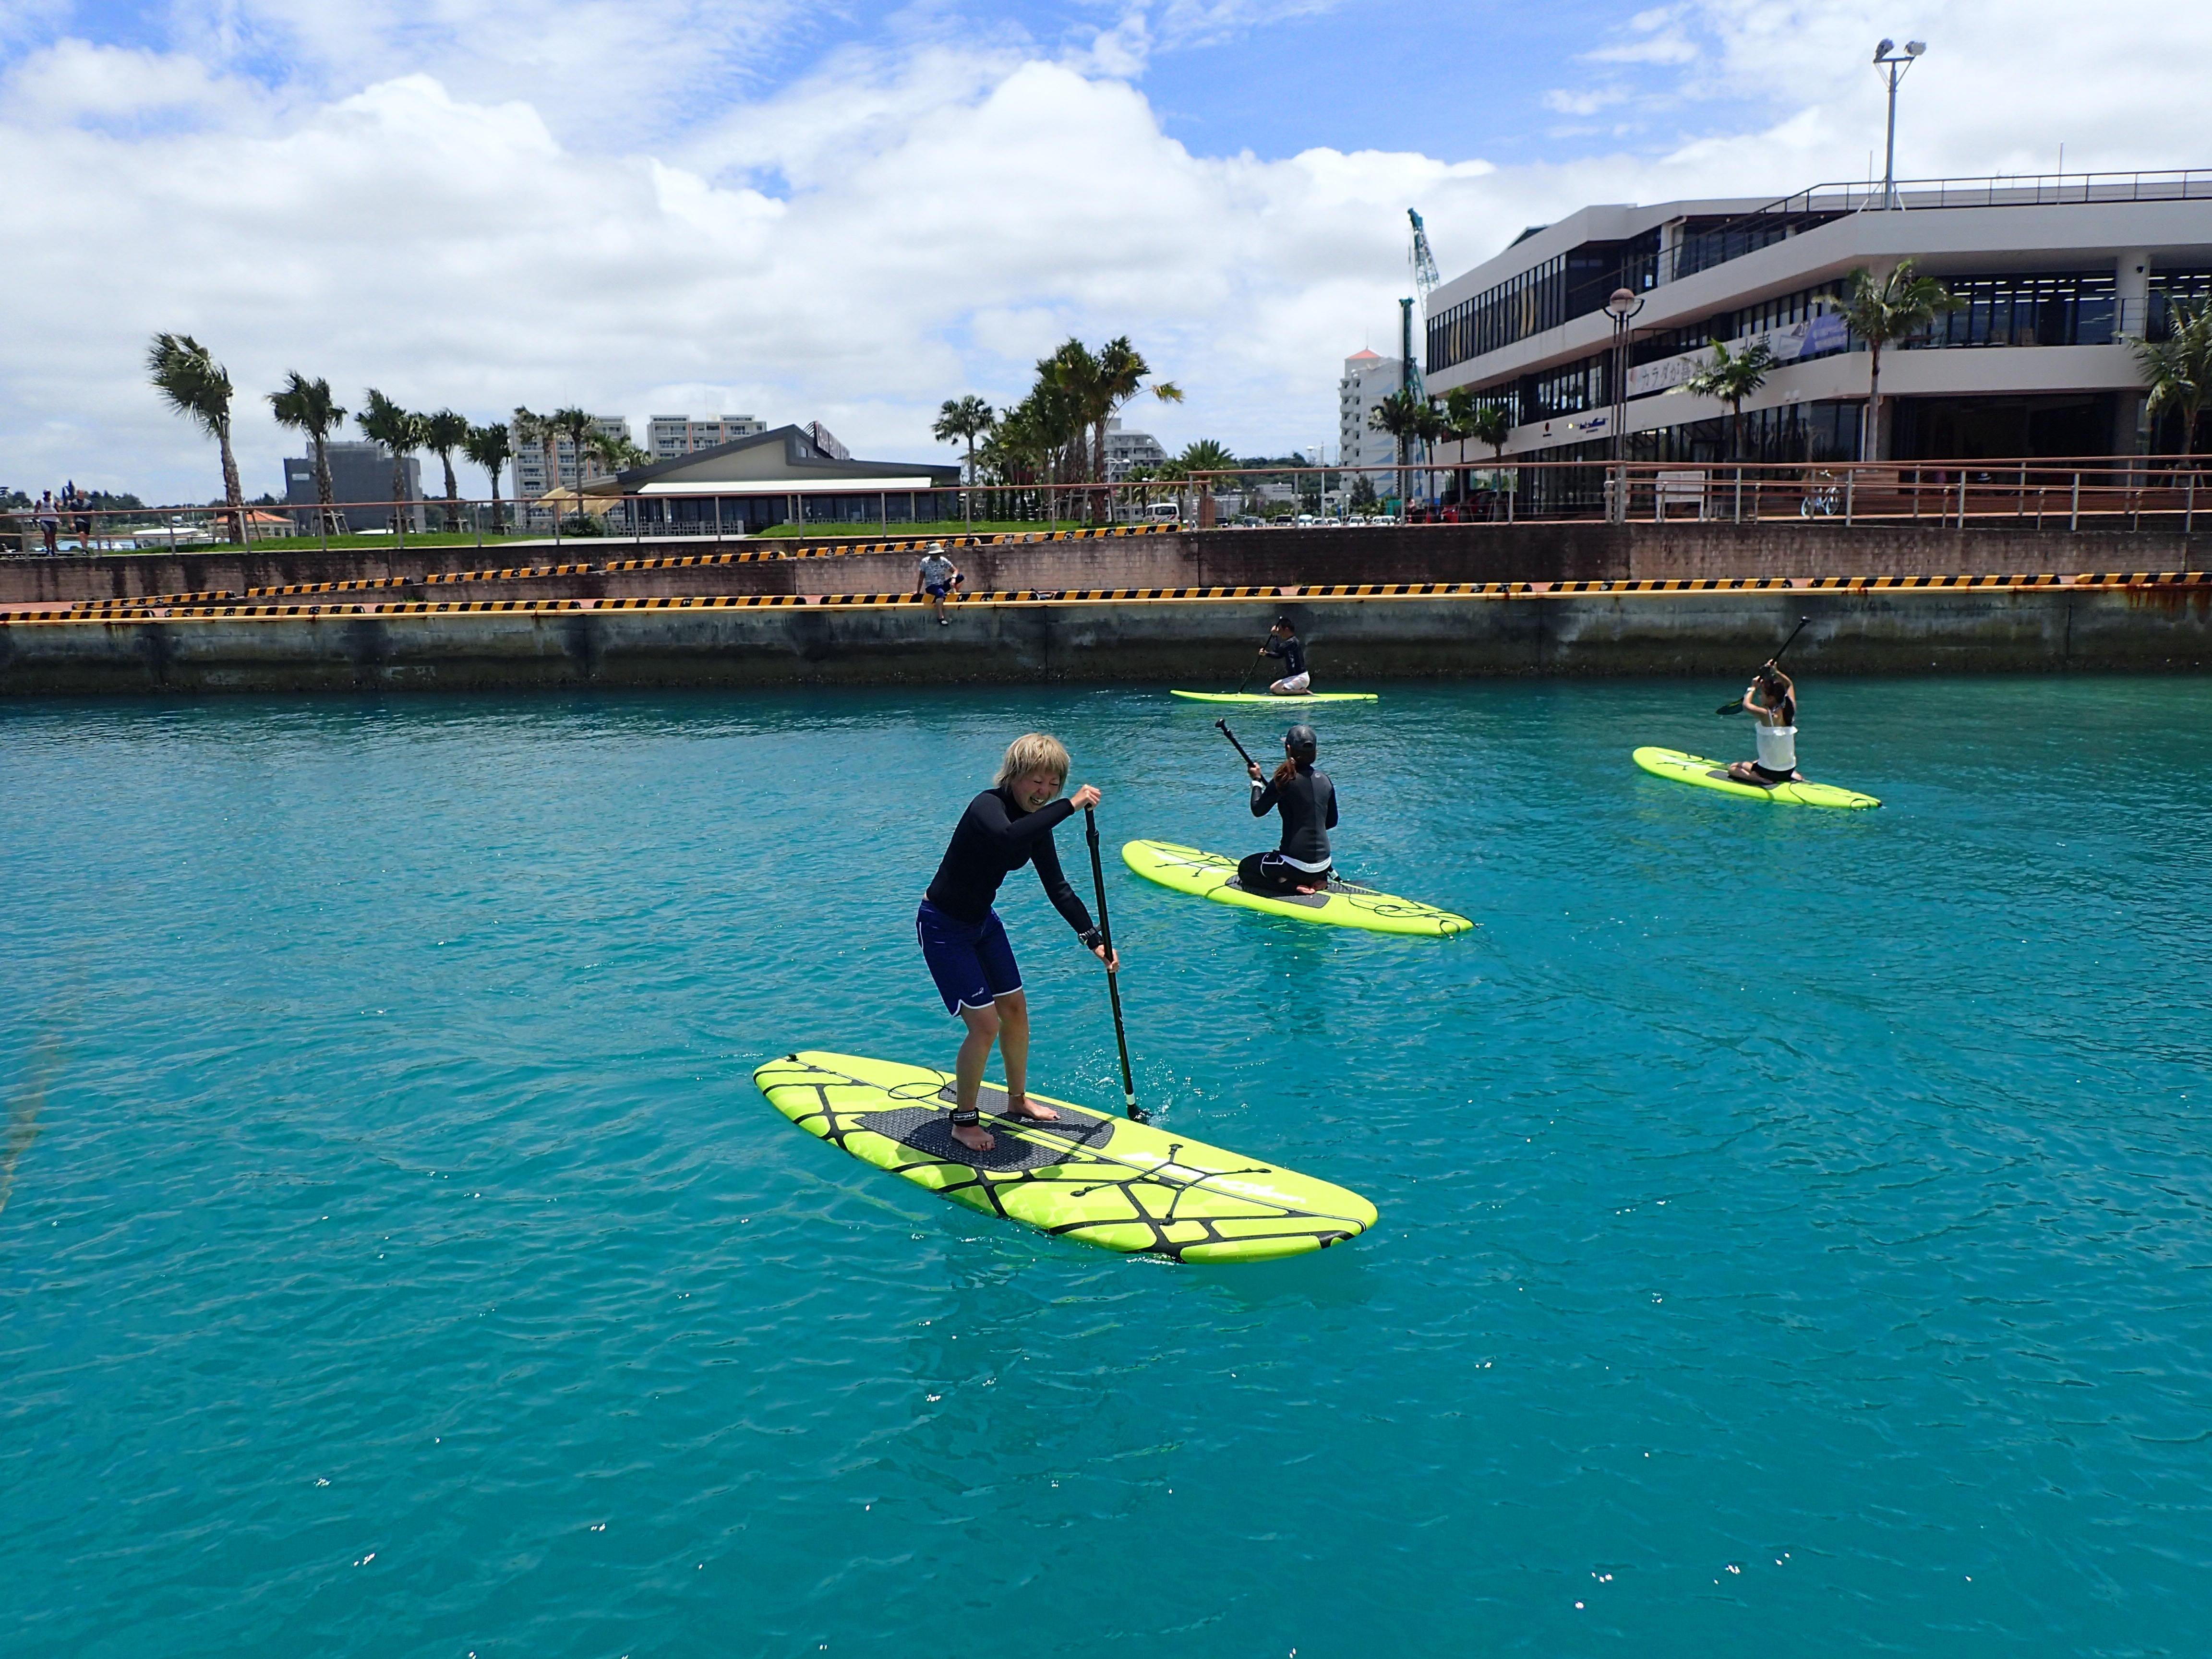 行きかうボートや都市型リゾートを眺められるフィールドは沖縄でもここだけ!!!